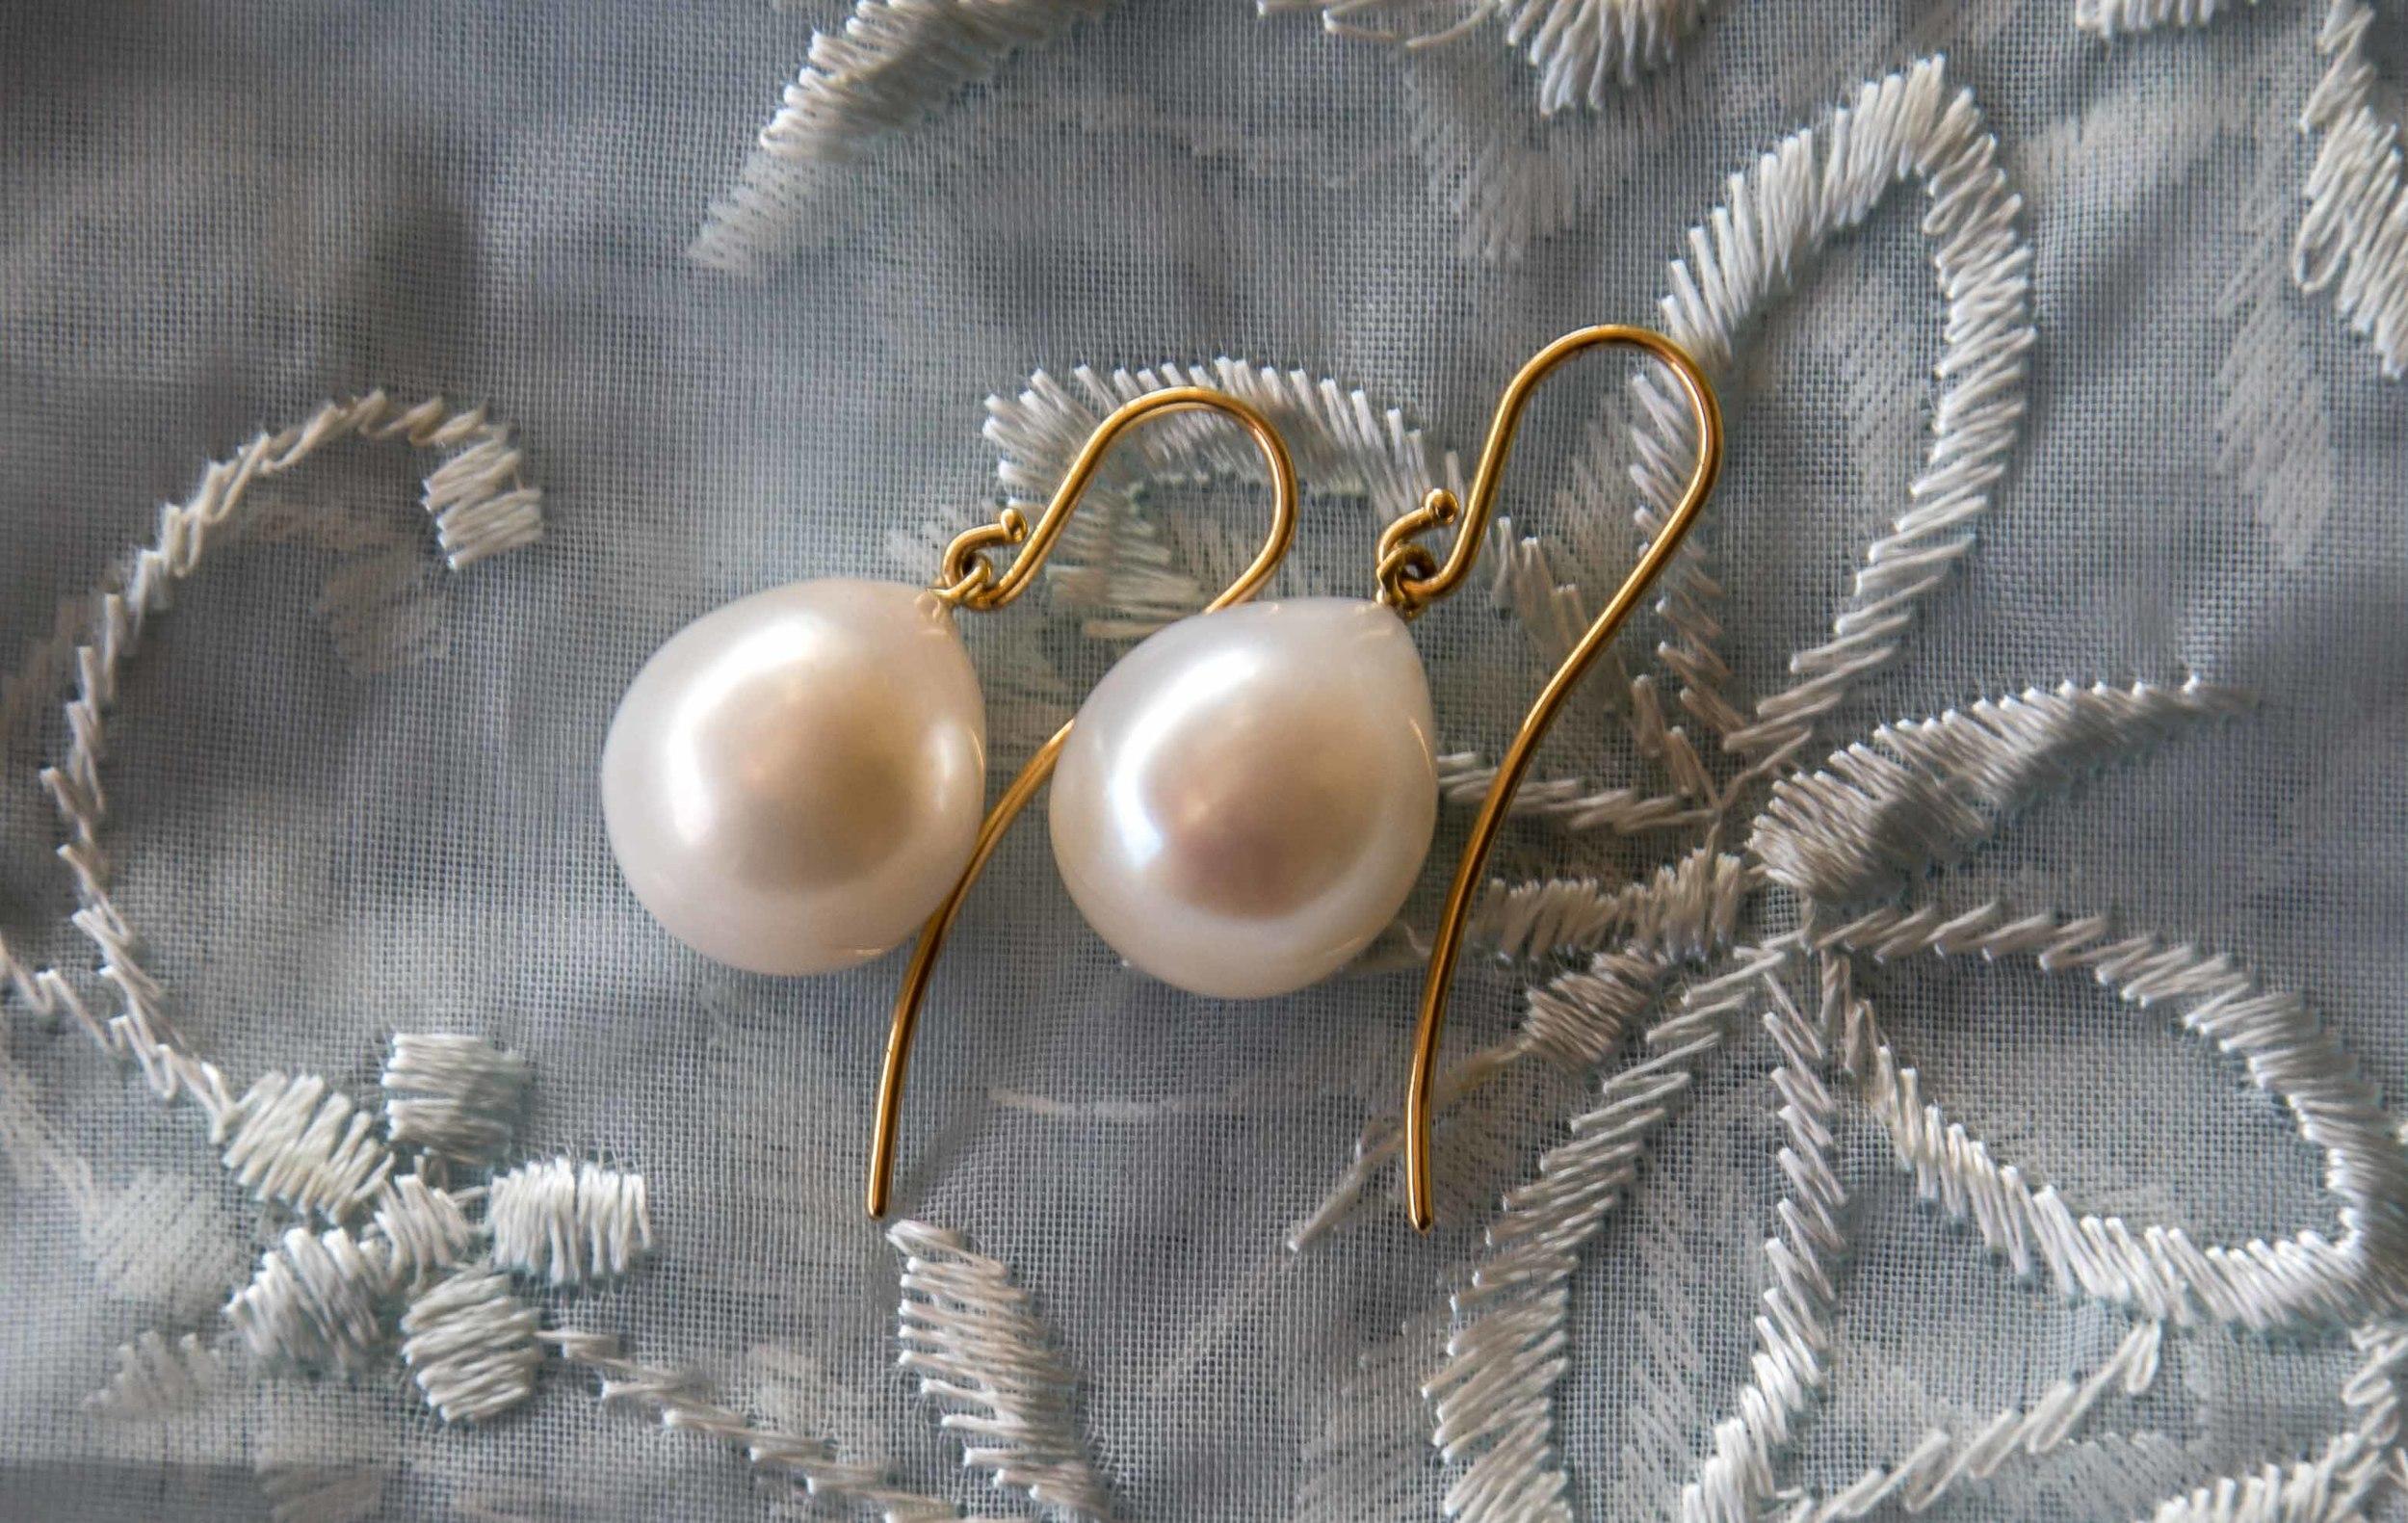 Stunning teardrop pearl earrings